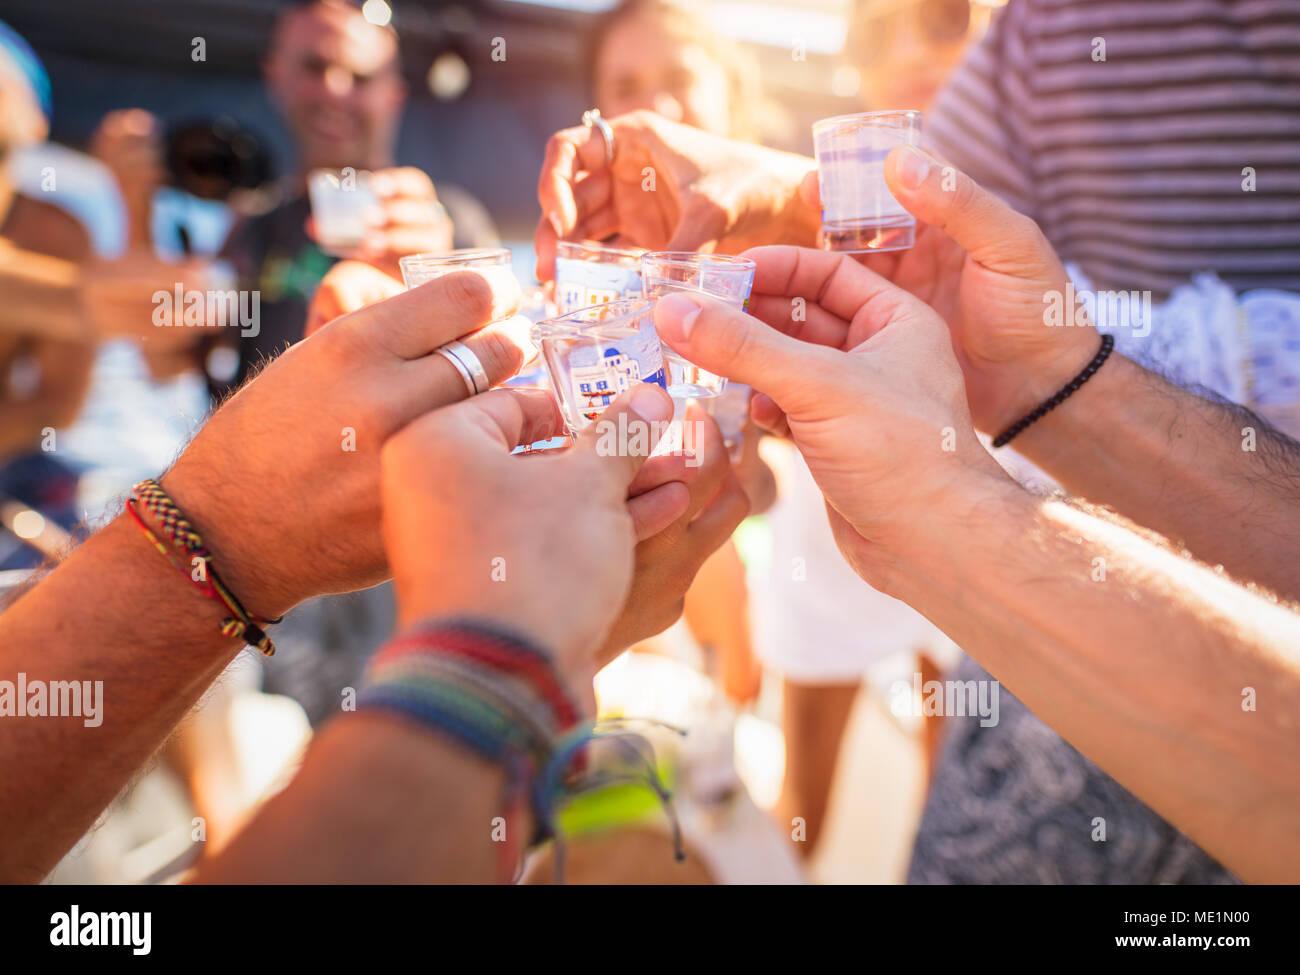 Primo piano di un uomo le mani con un bicchiere pieno di bevanda alcolica, parlando toast, saluti celebrando holiday, open air party, felice vacanza estiva Foto Stock